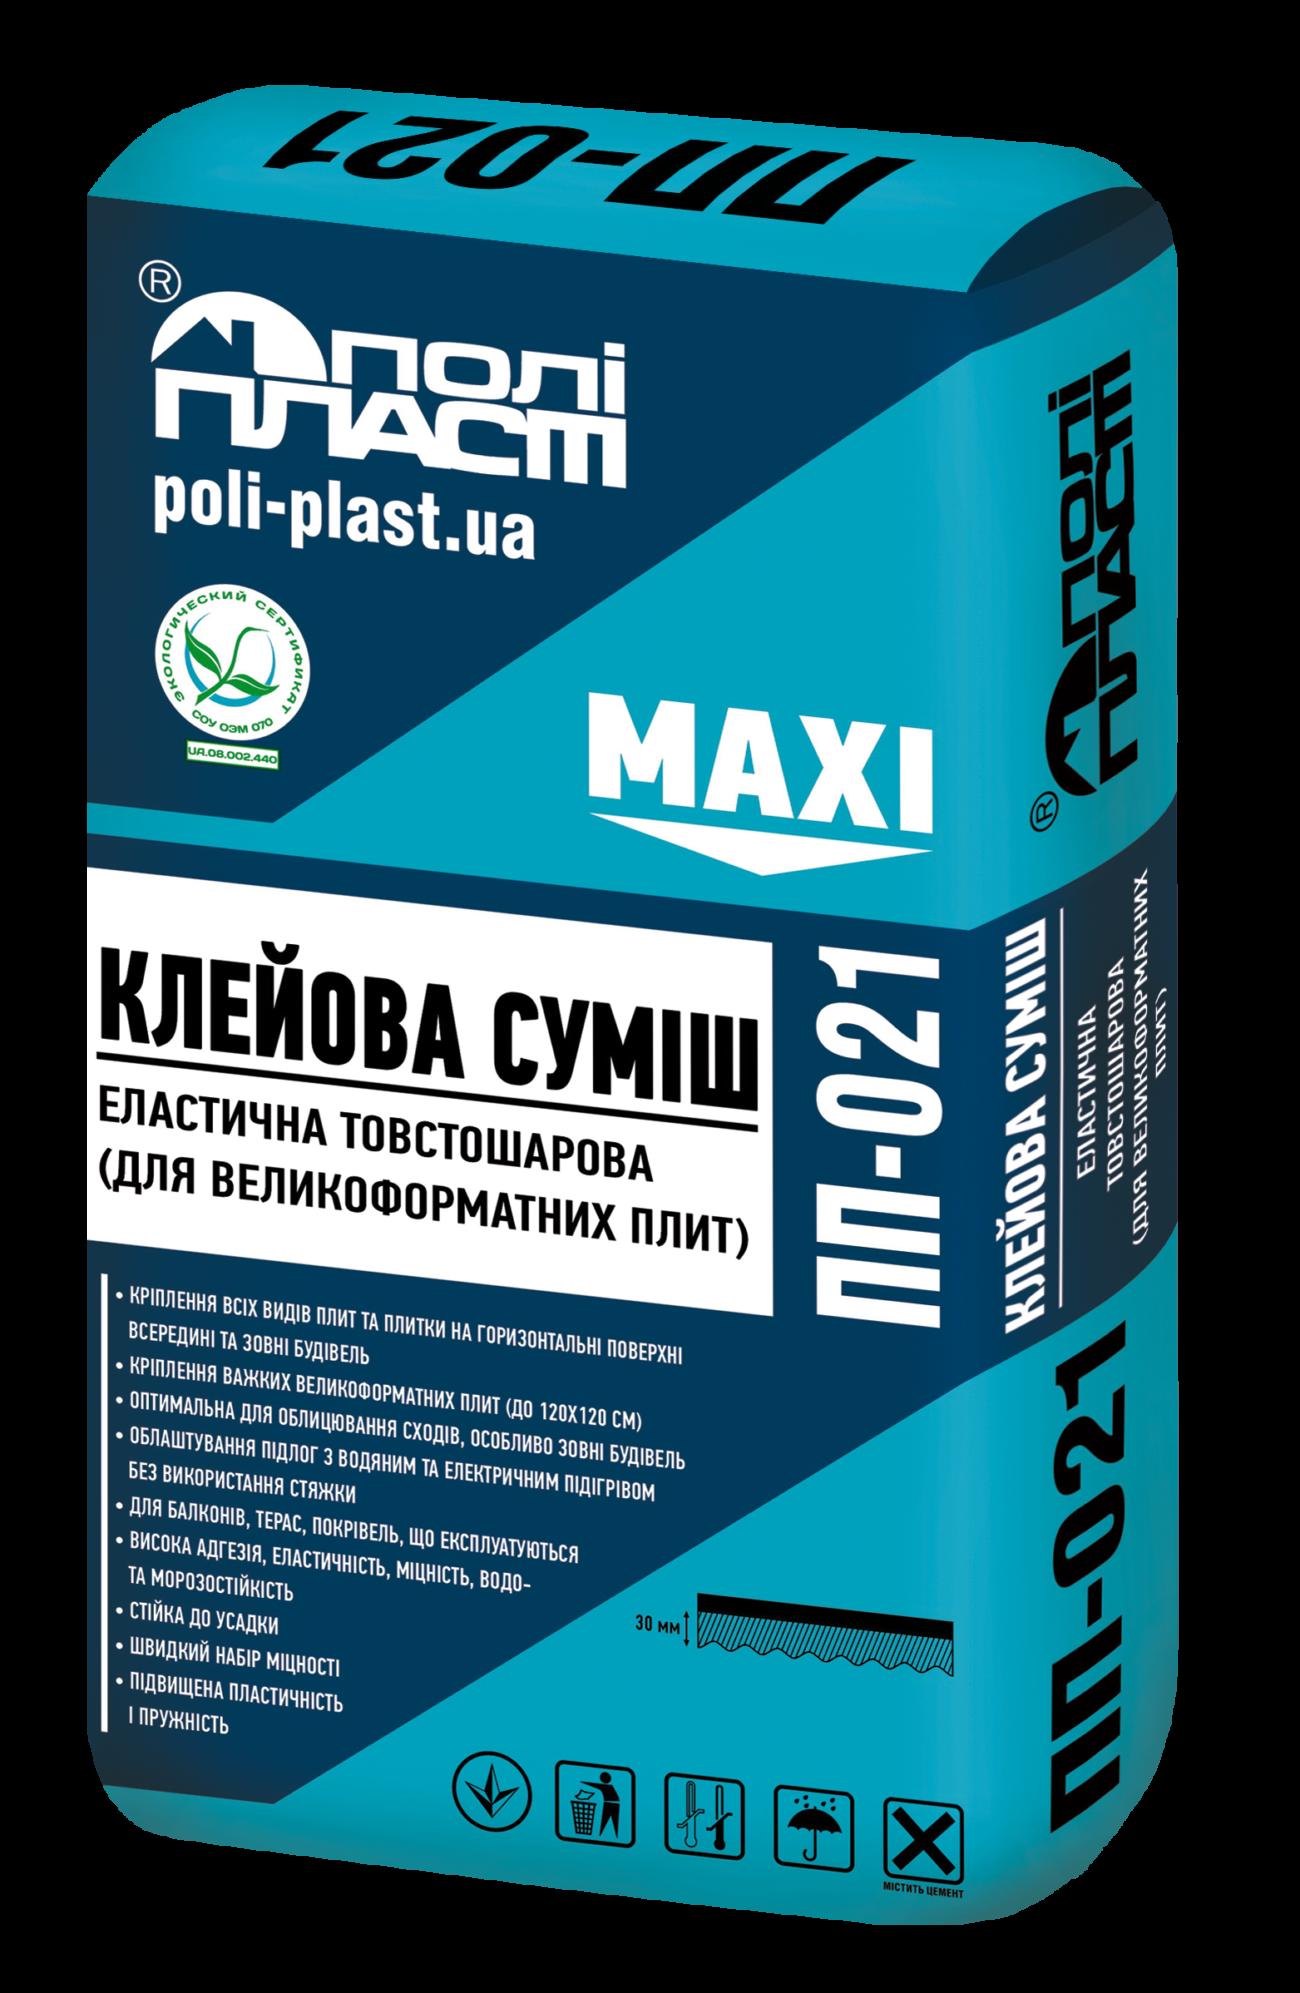 ПП-021 МАXI